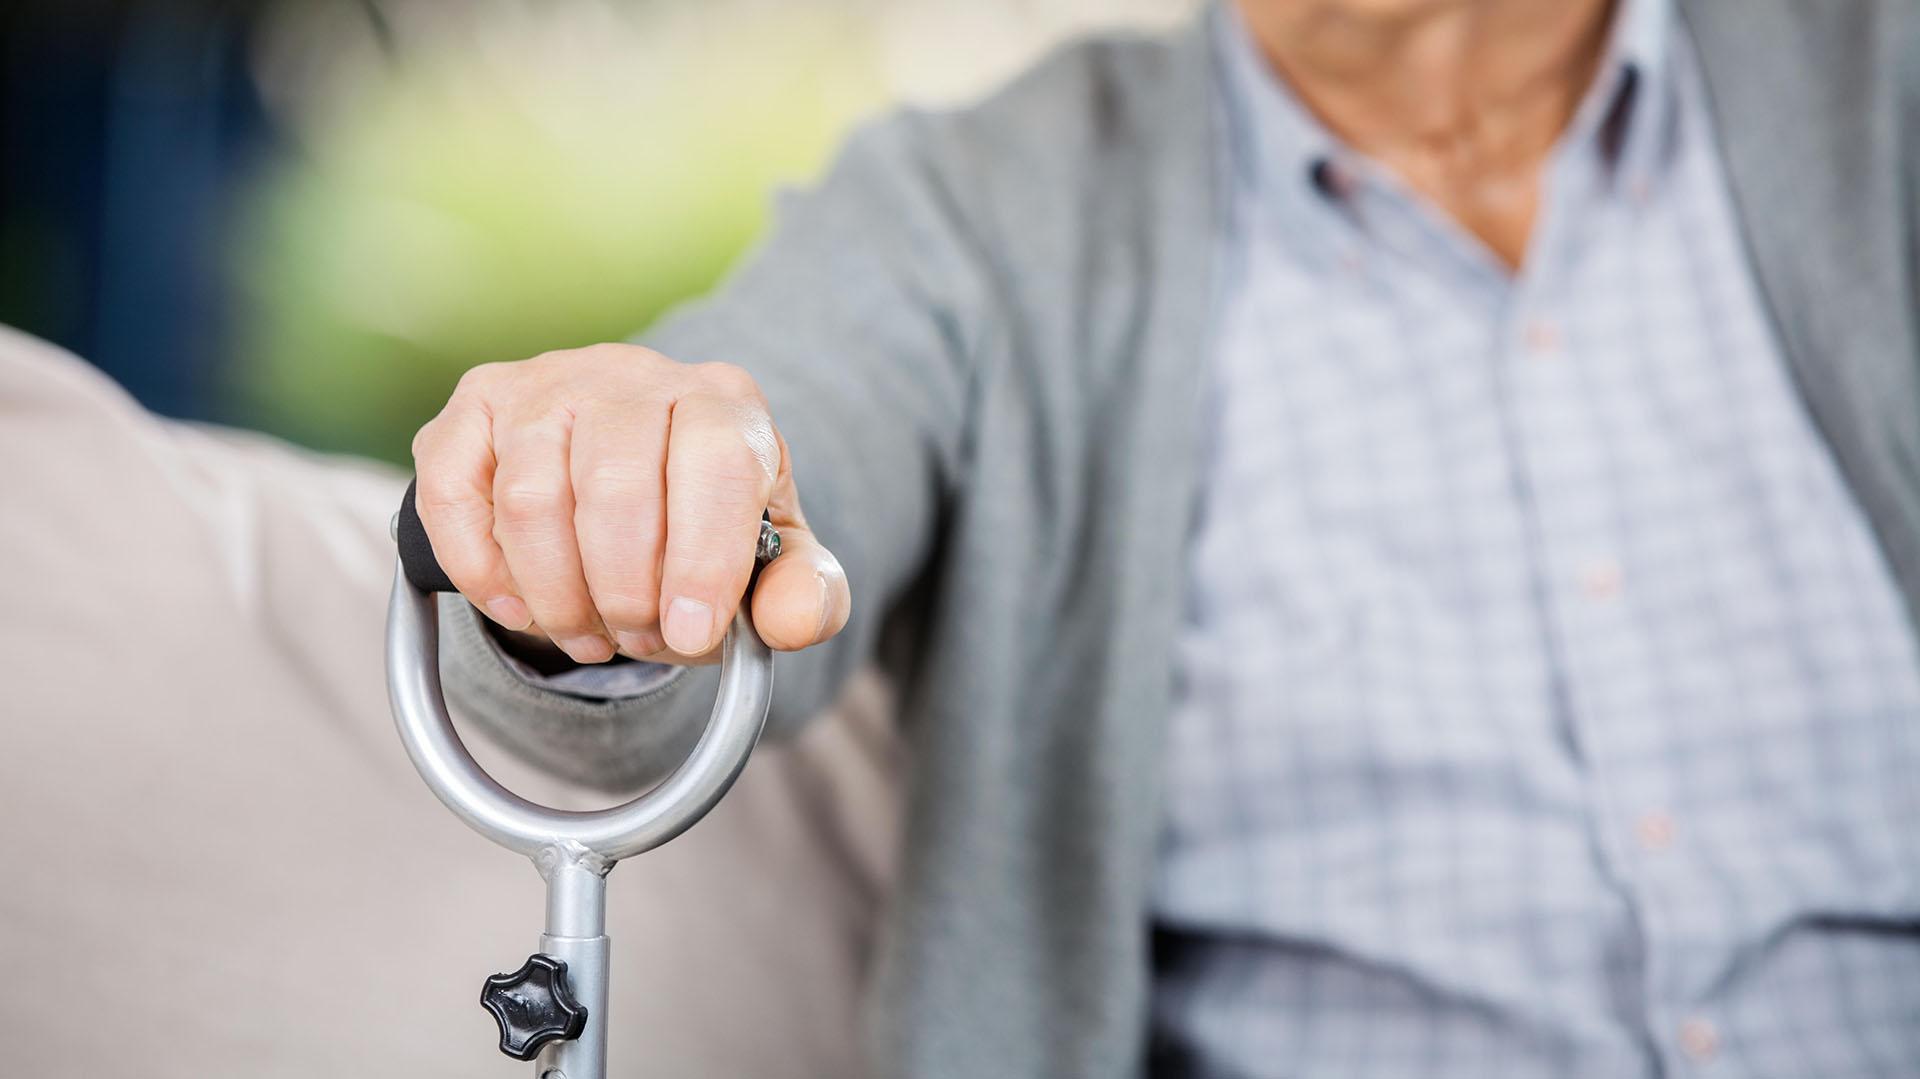 La mafia de empresarios, médicos y televenta apuntaba a ancianos y discapacitados (Grosby)